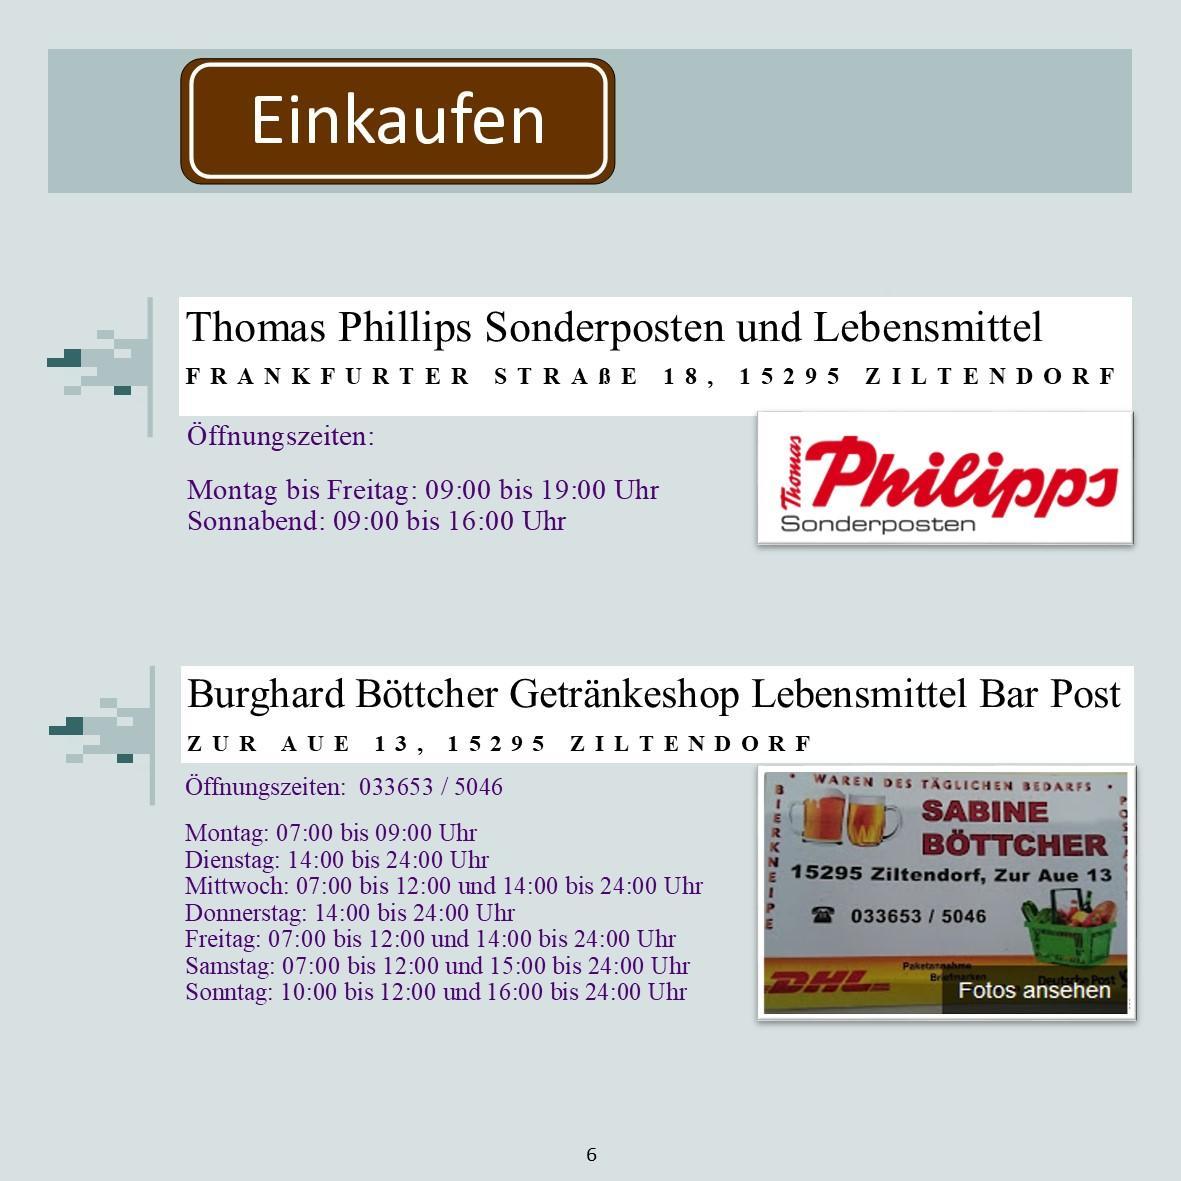 Ziltendorf_Freizeitgestaltung6